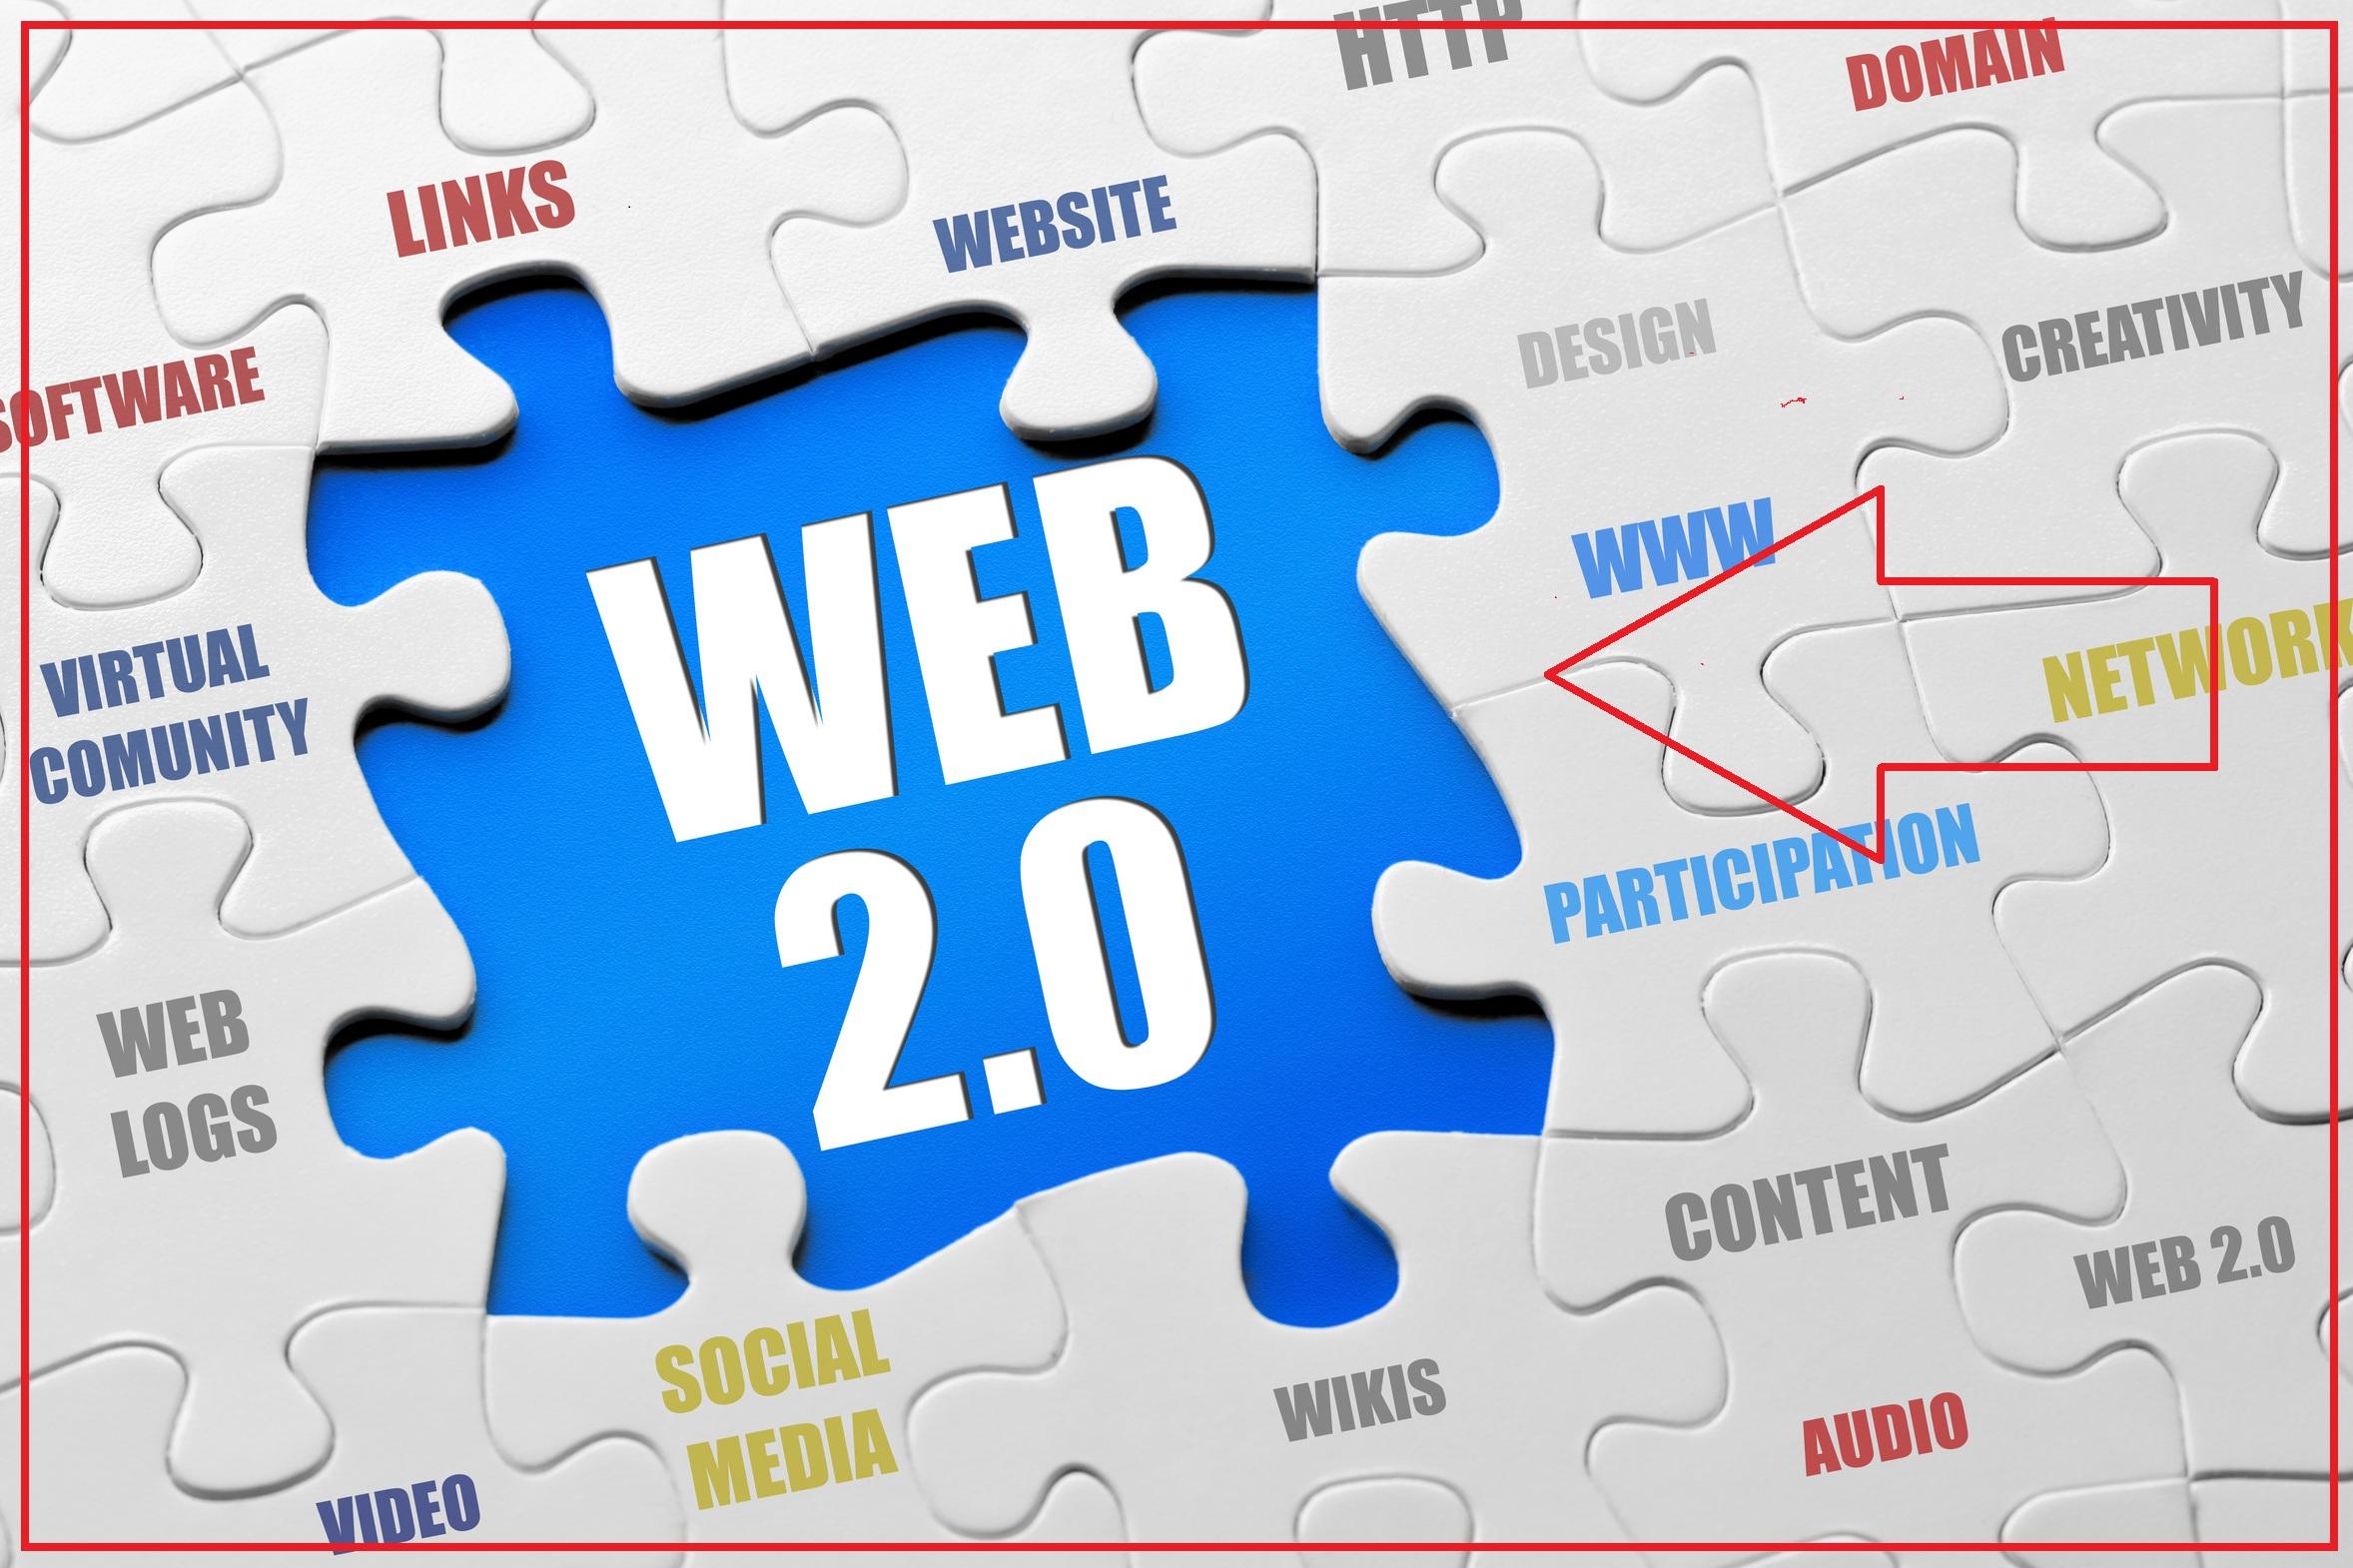 Do 5 Web 2.0 blogs Premium Human-Quality Content